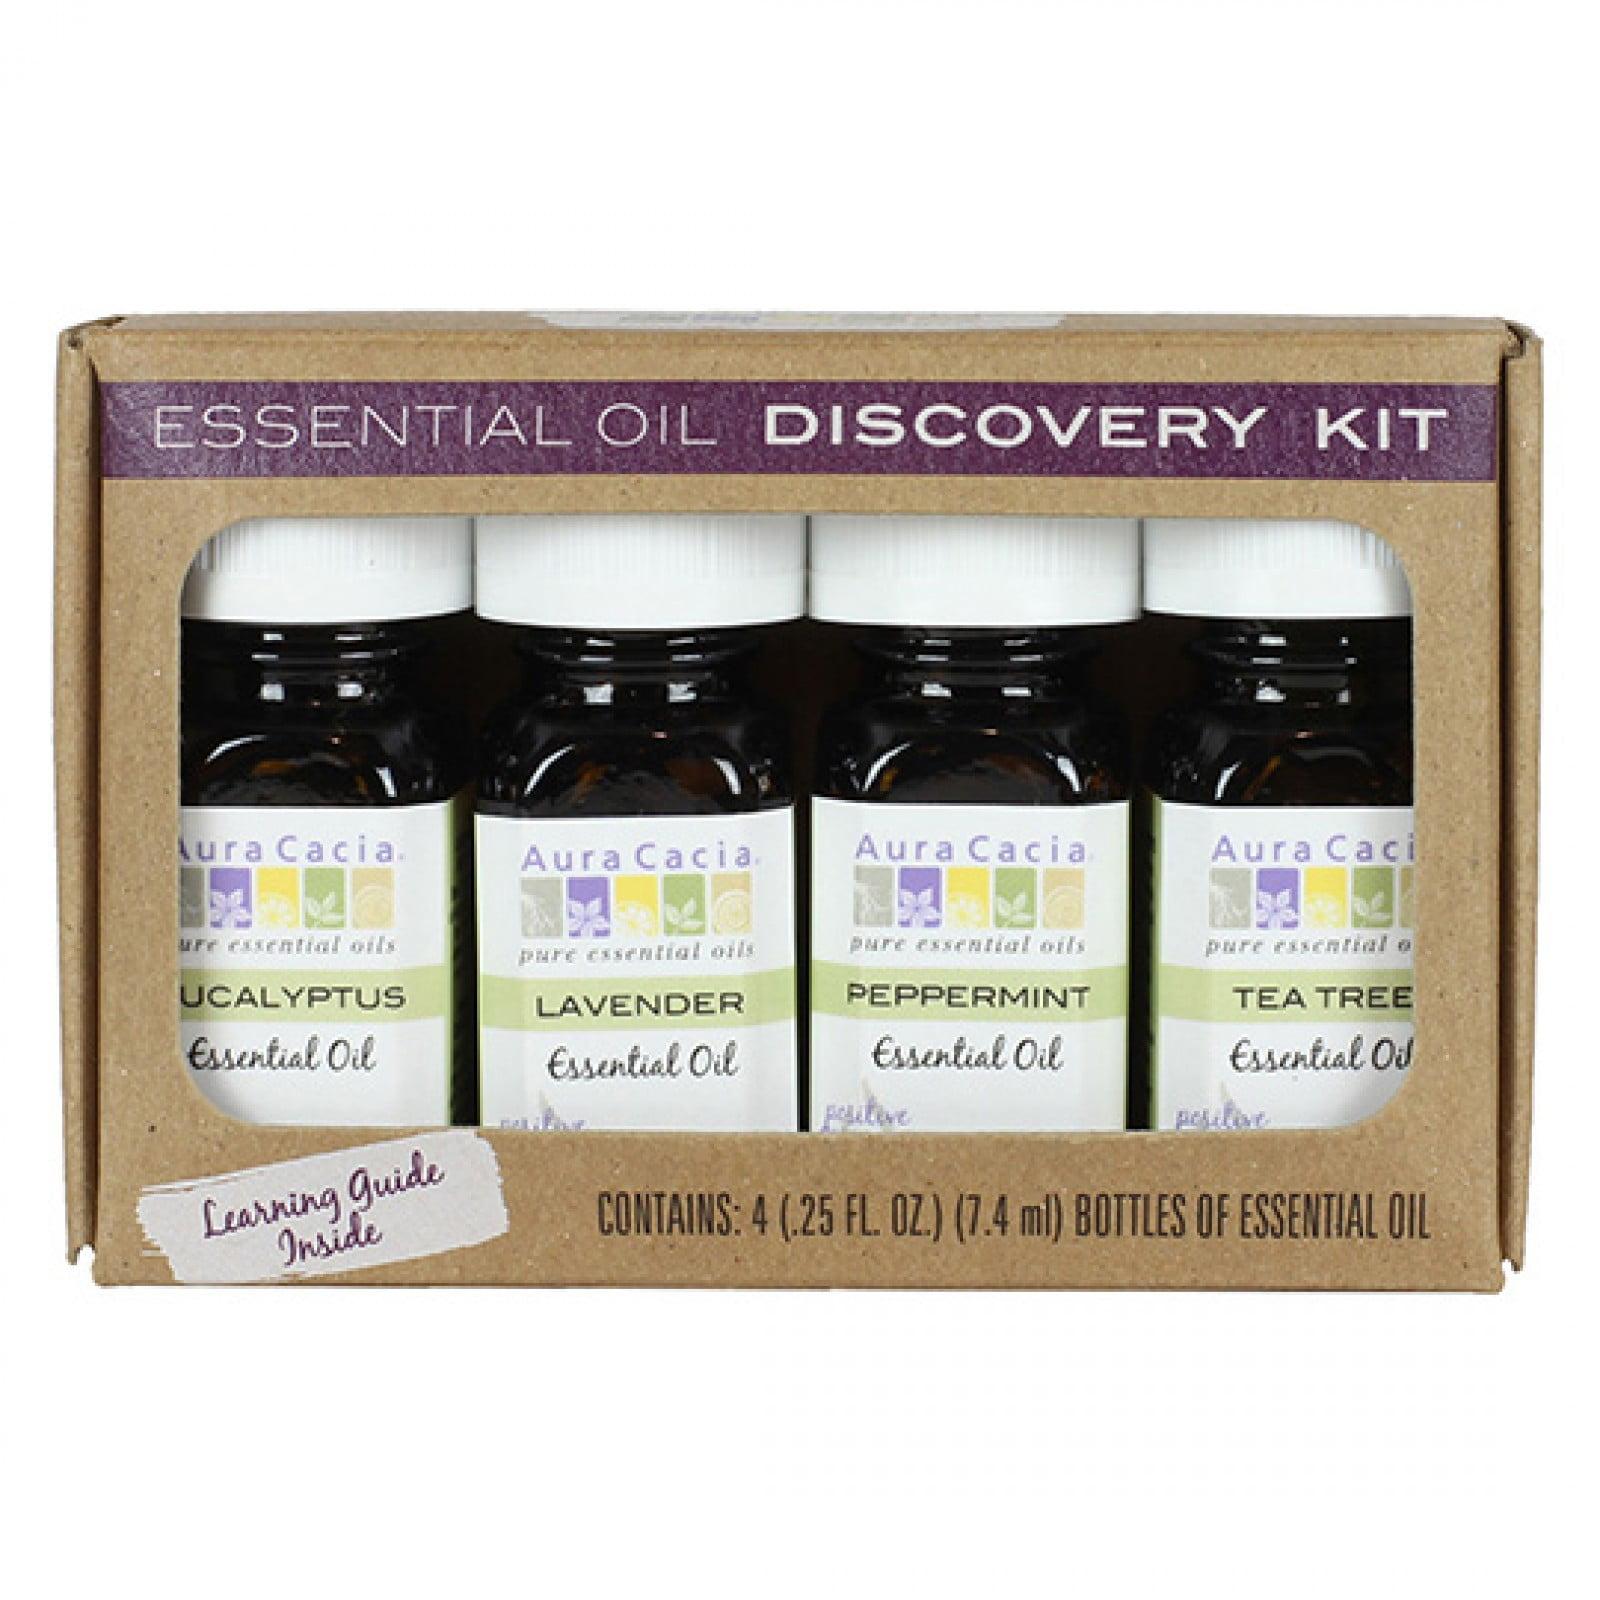 Aura Cacia Discover Essential Oils Kit Set of 4 Walmart